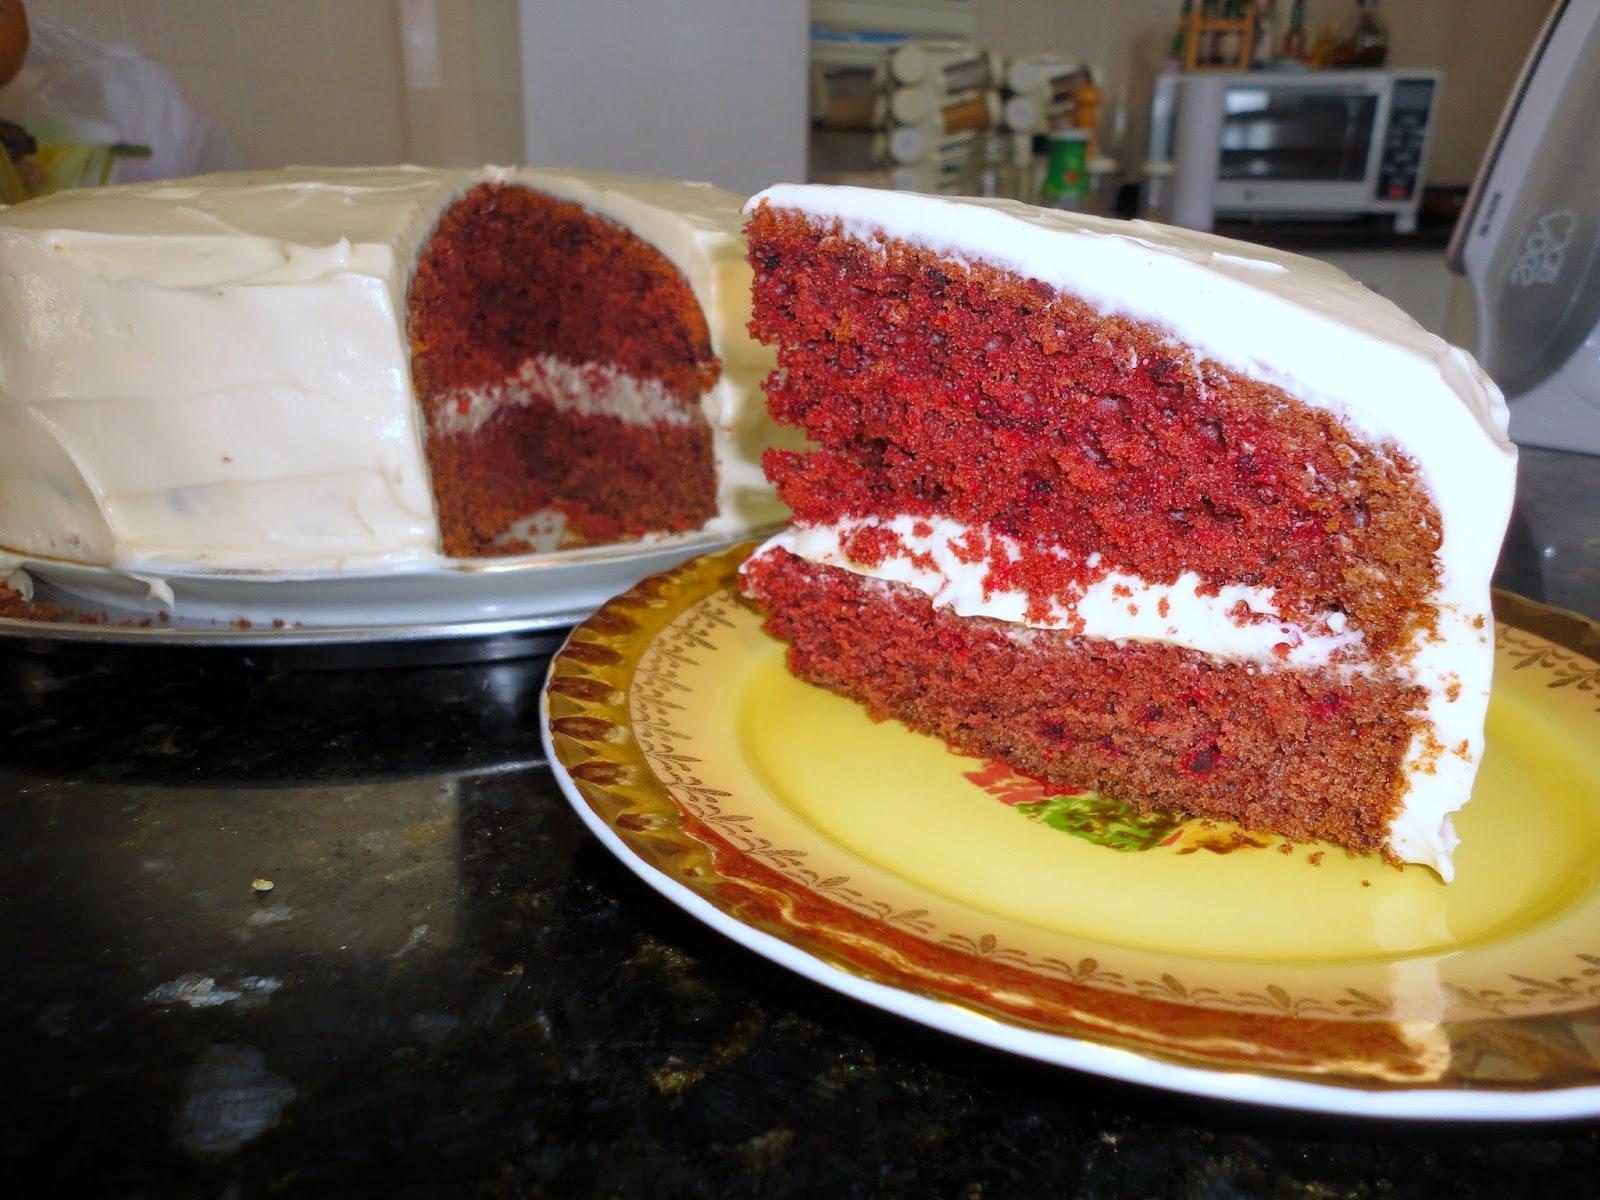 cobertura de chantilly com ovo caseiro como fazer para bolo